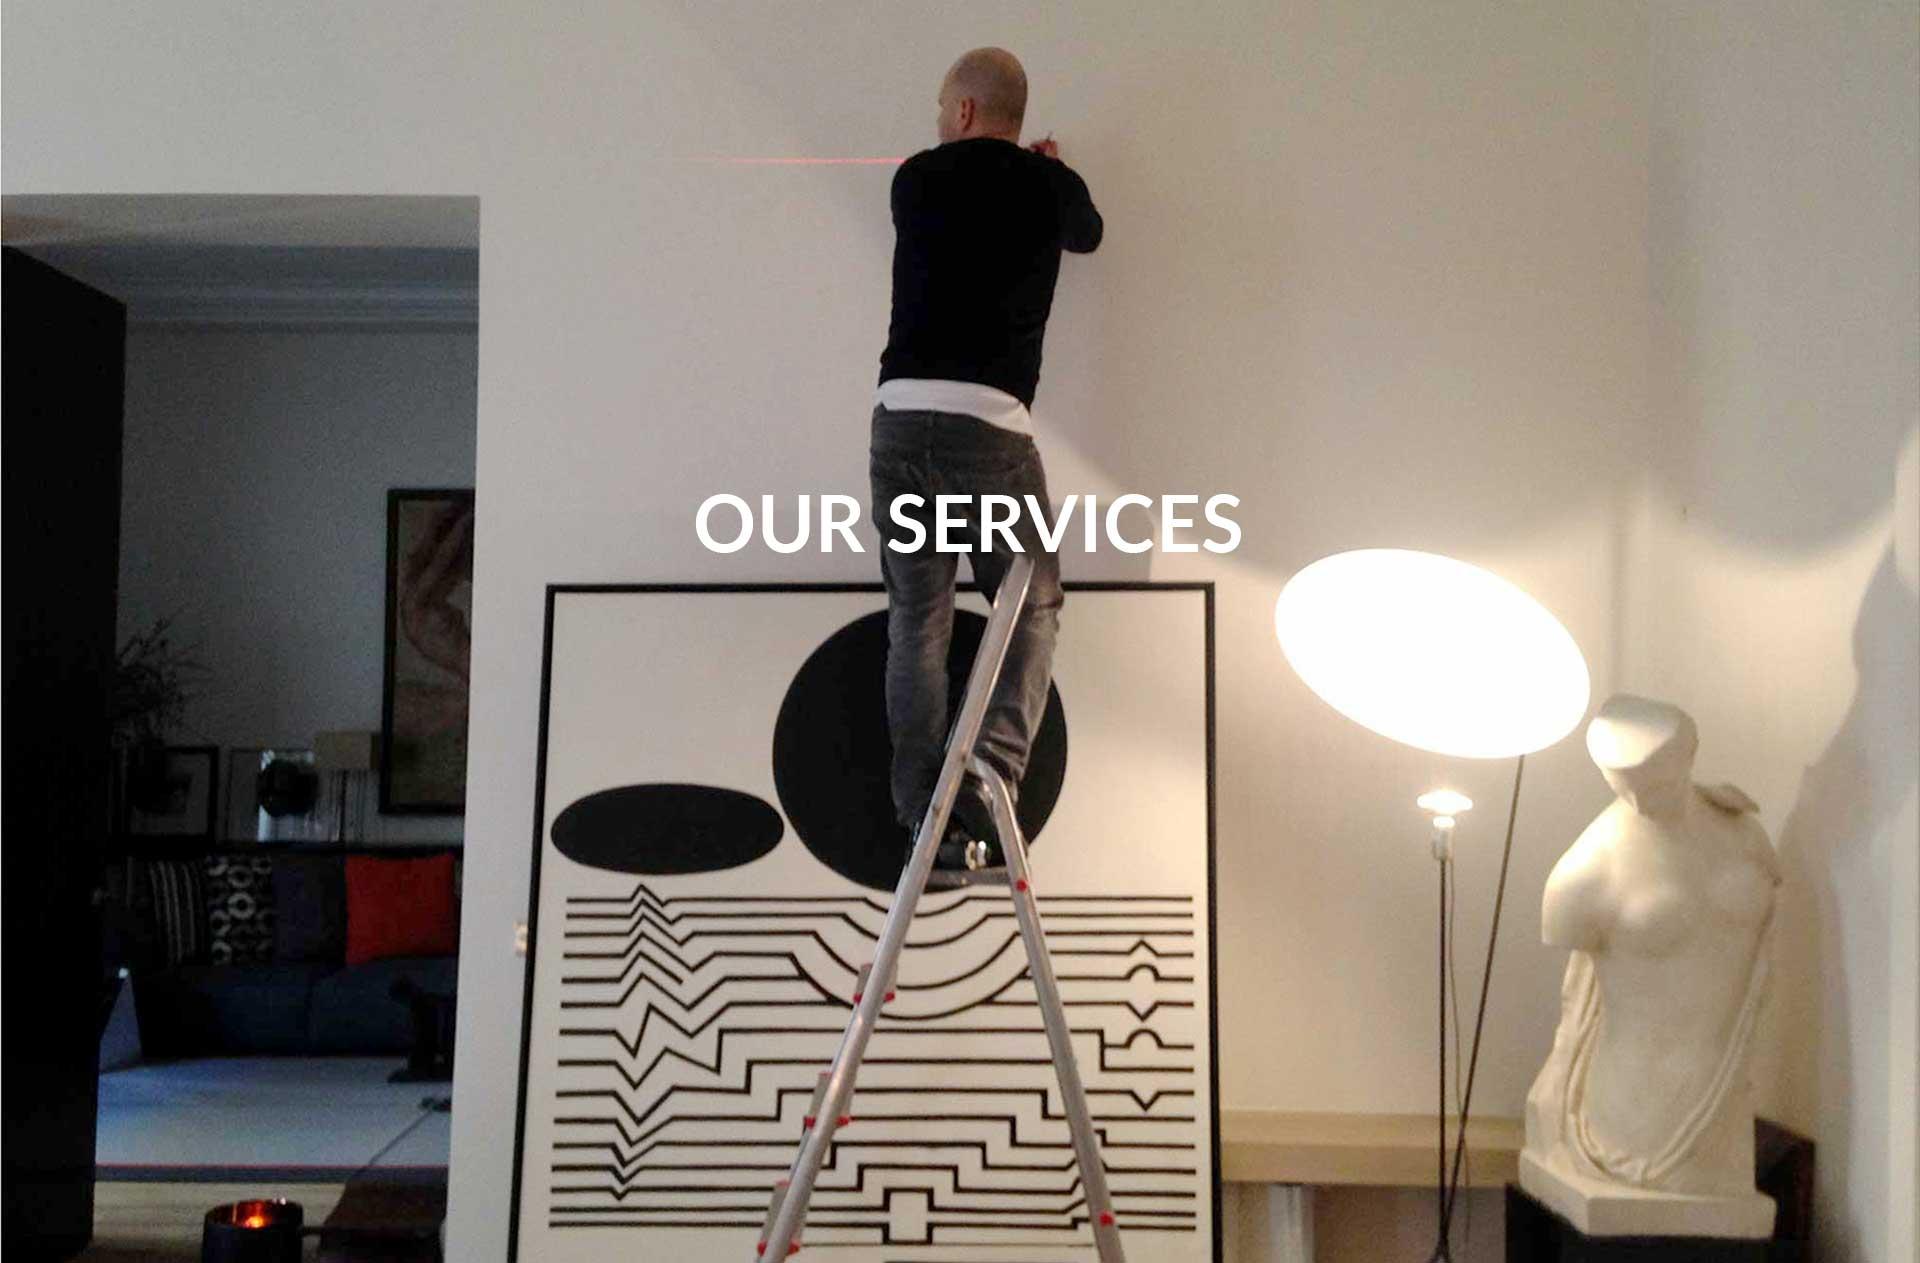 Our framemaker workshop extra services